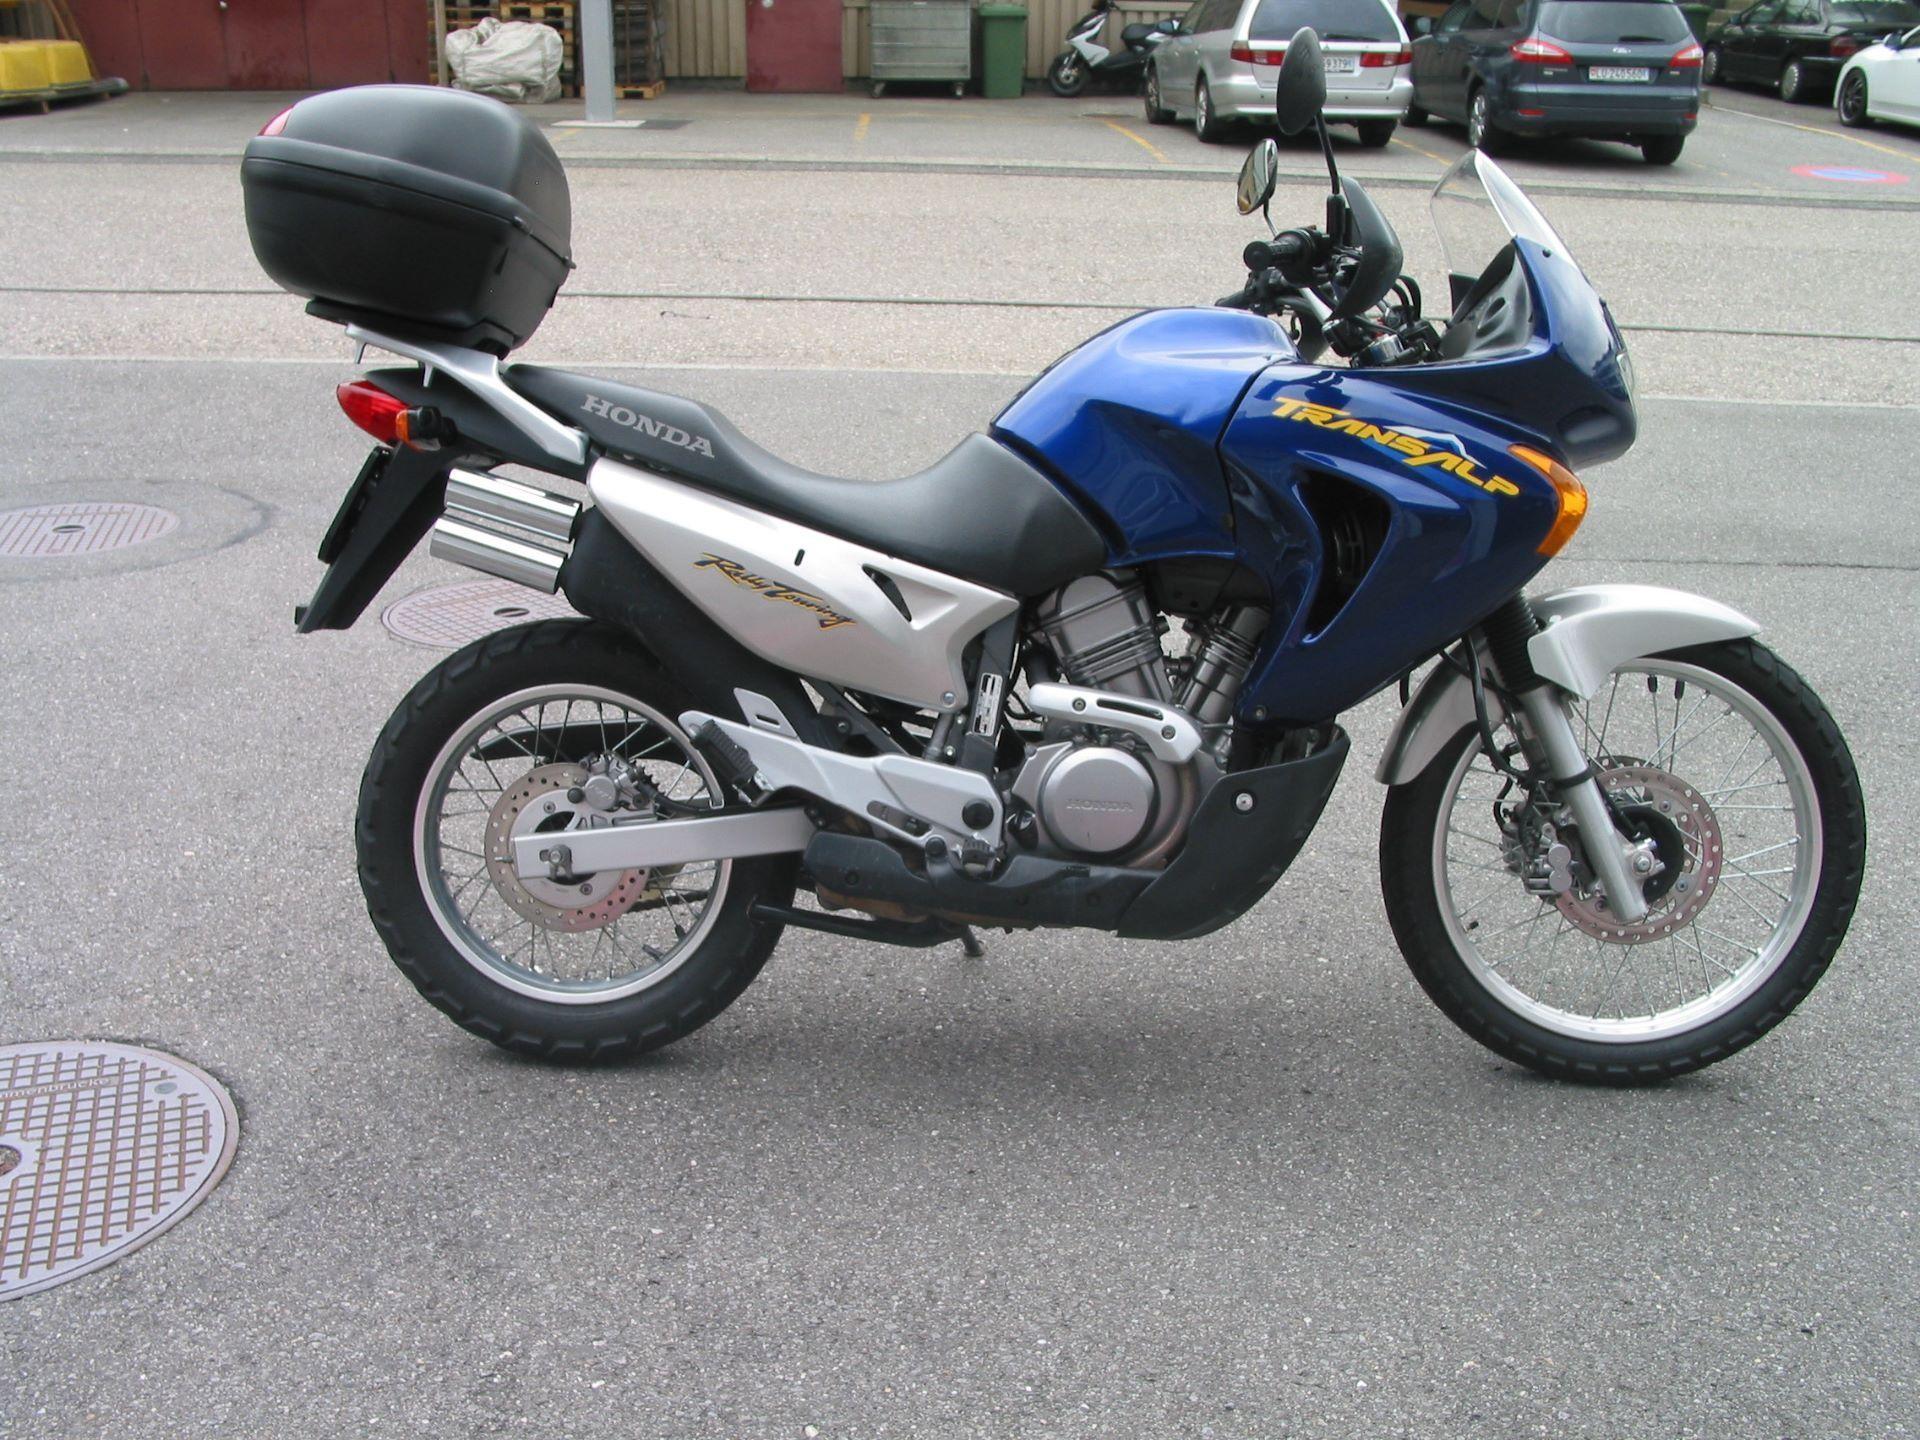 Motorrad Occasion kaufen HONDA XL 650 V Transalp Odermatt ... Honda Occasions